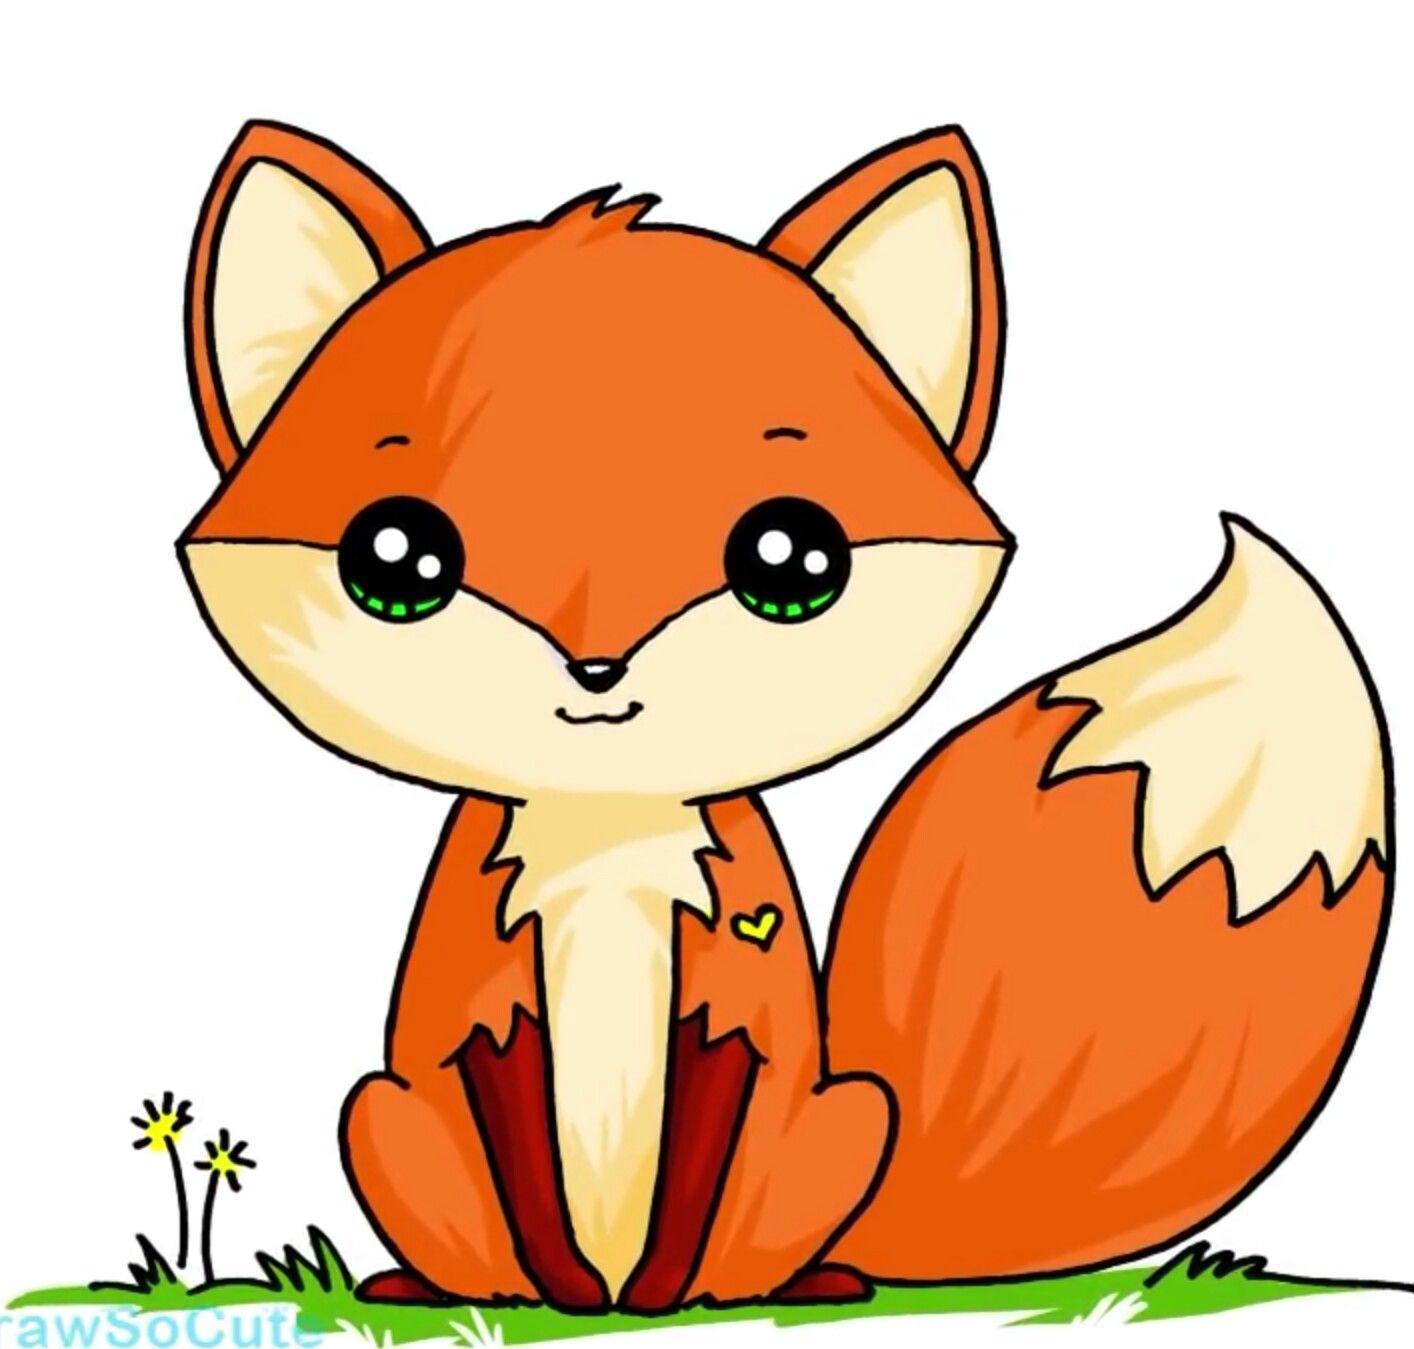 Cute Drawings: Kawaii Drawings, Cute Fox